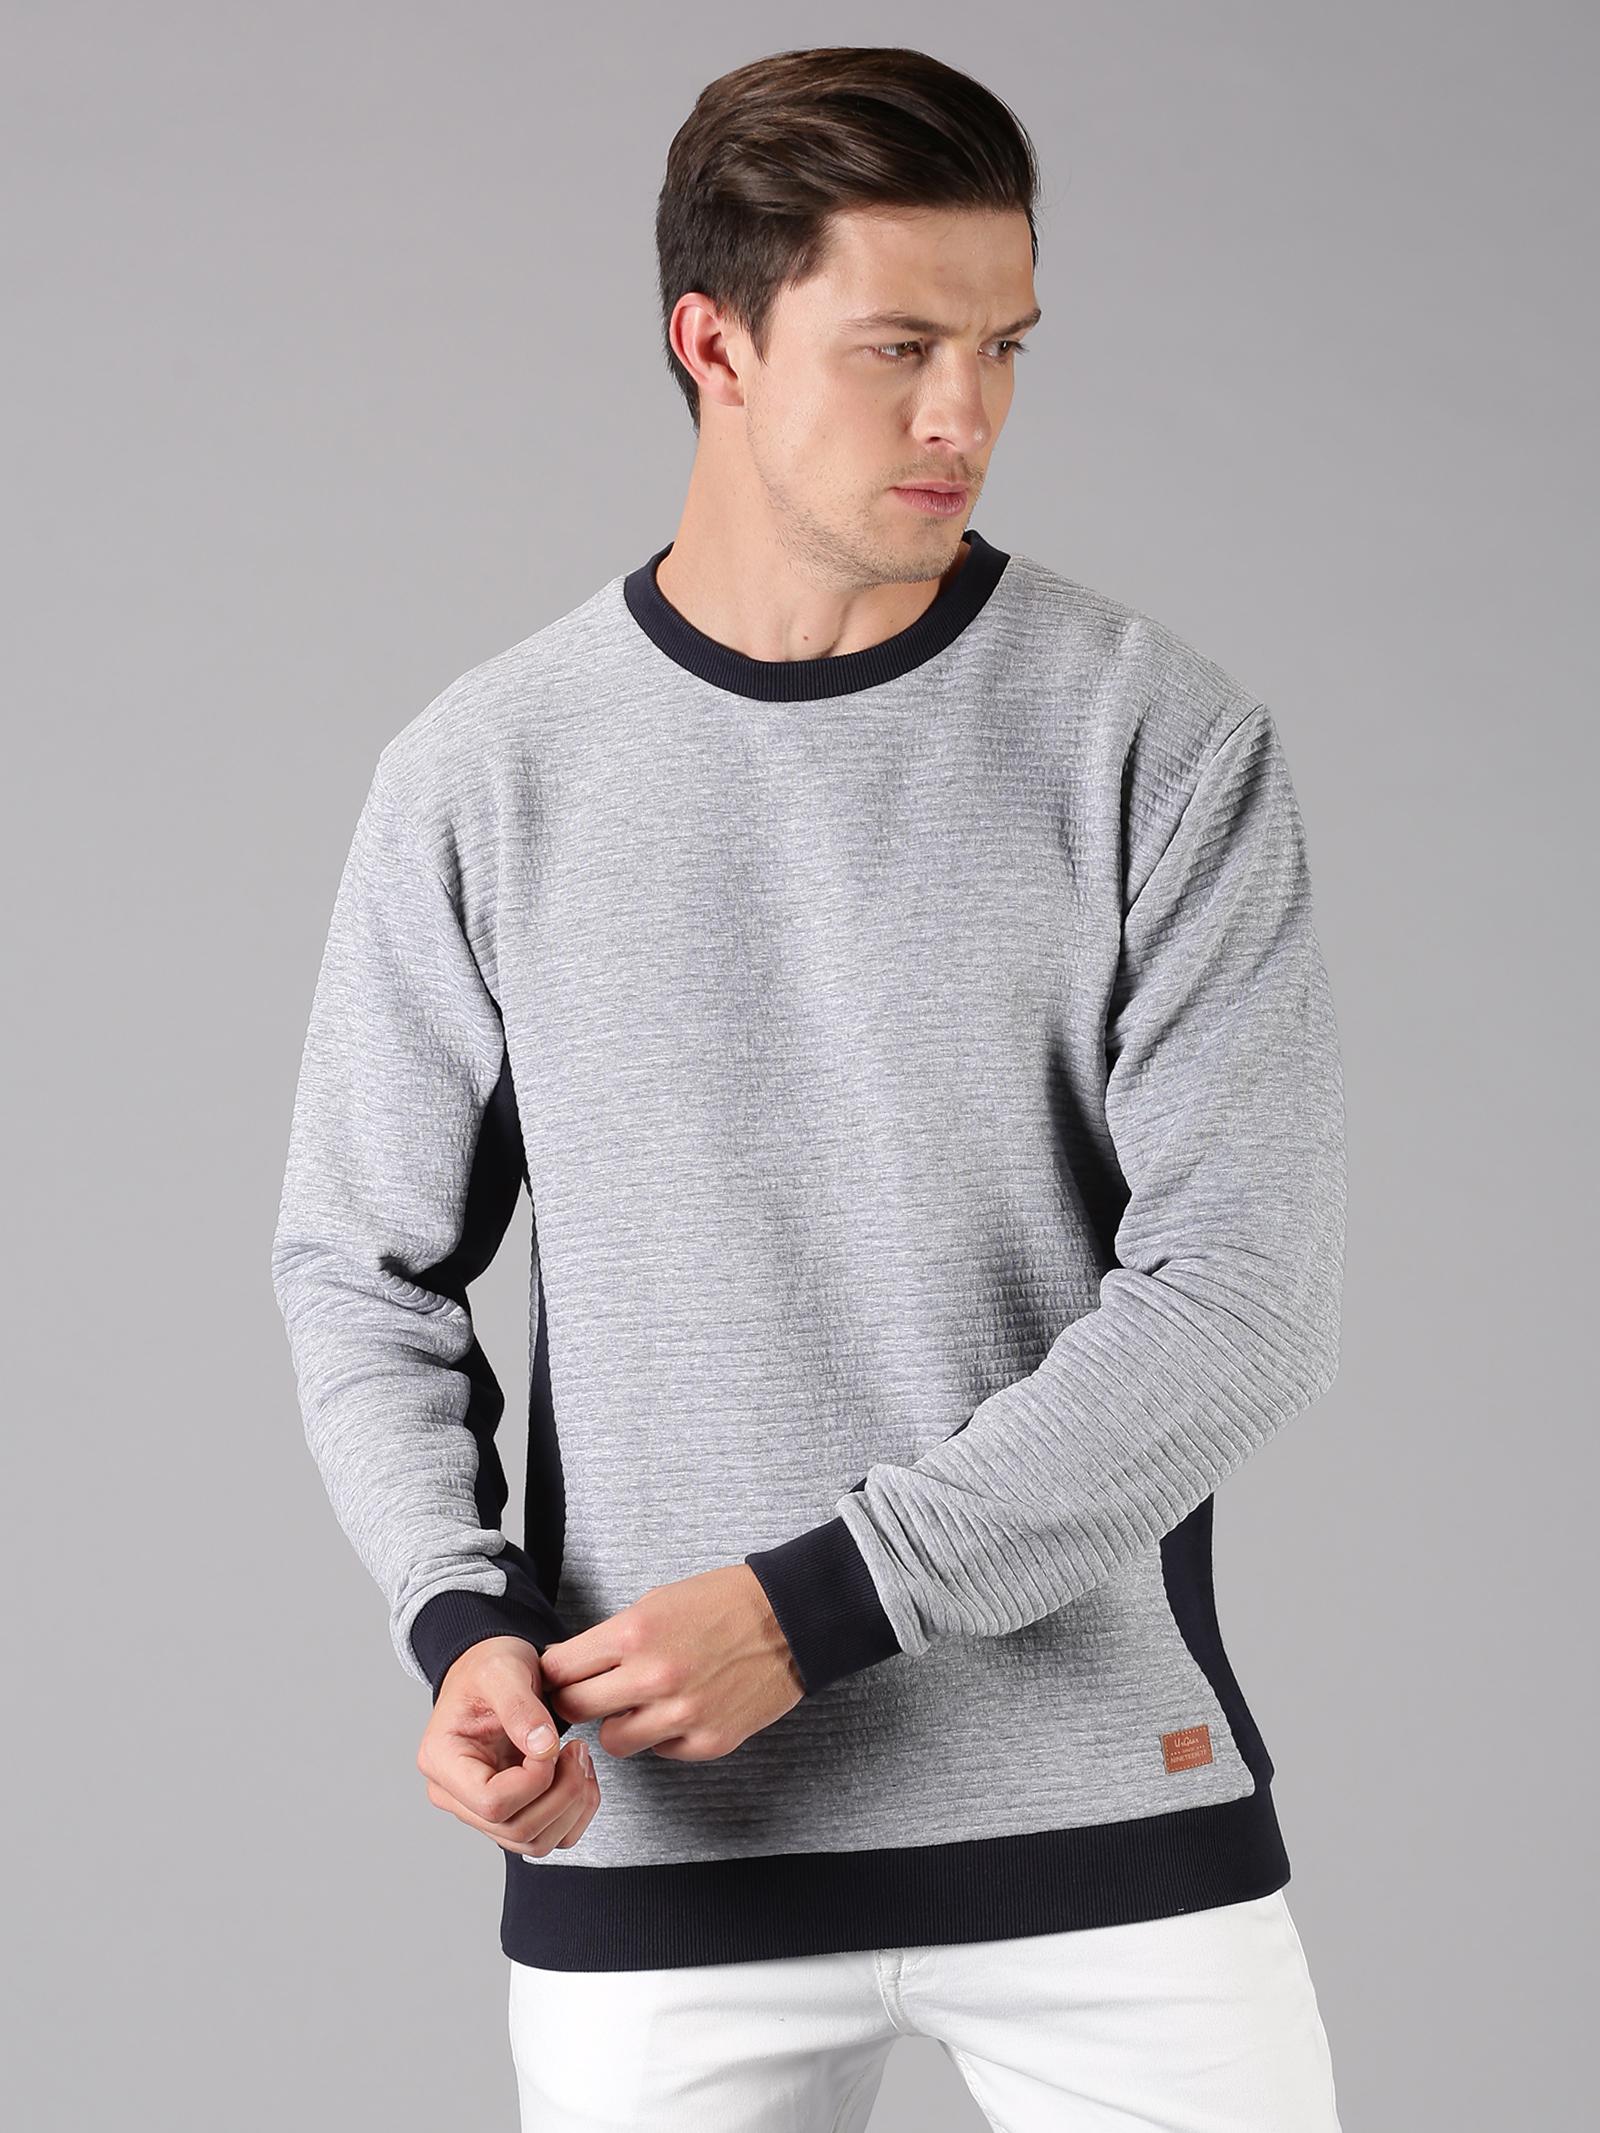 UrGear   Urgear Solid Round Neck Sky Grey Milange Sweatshirt